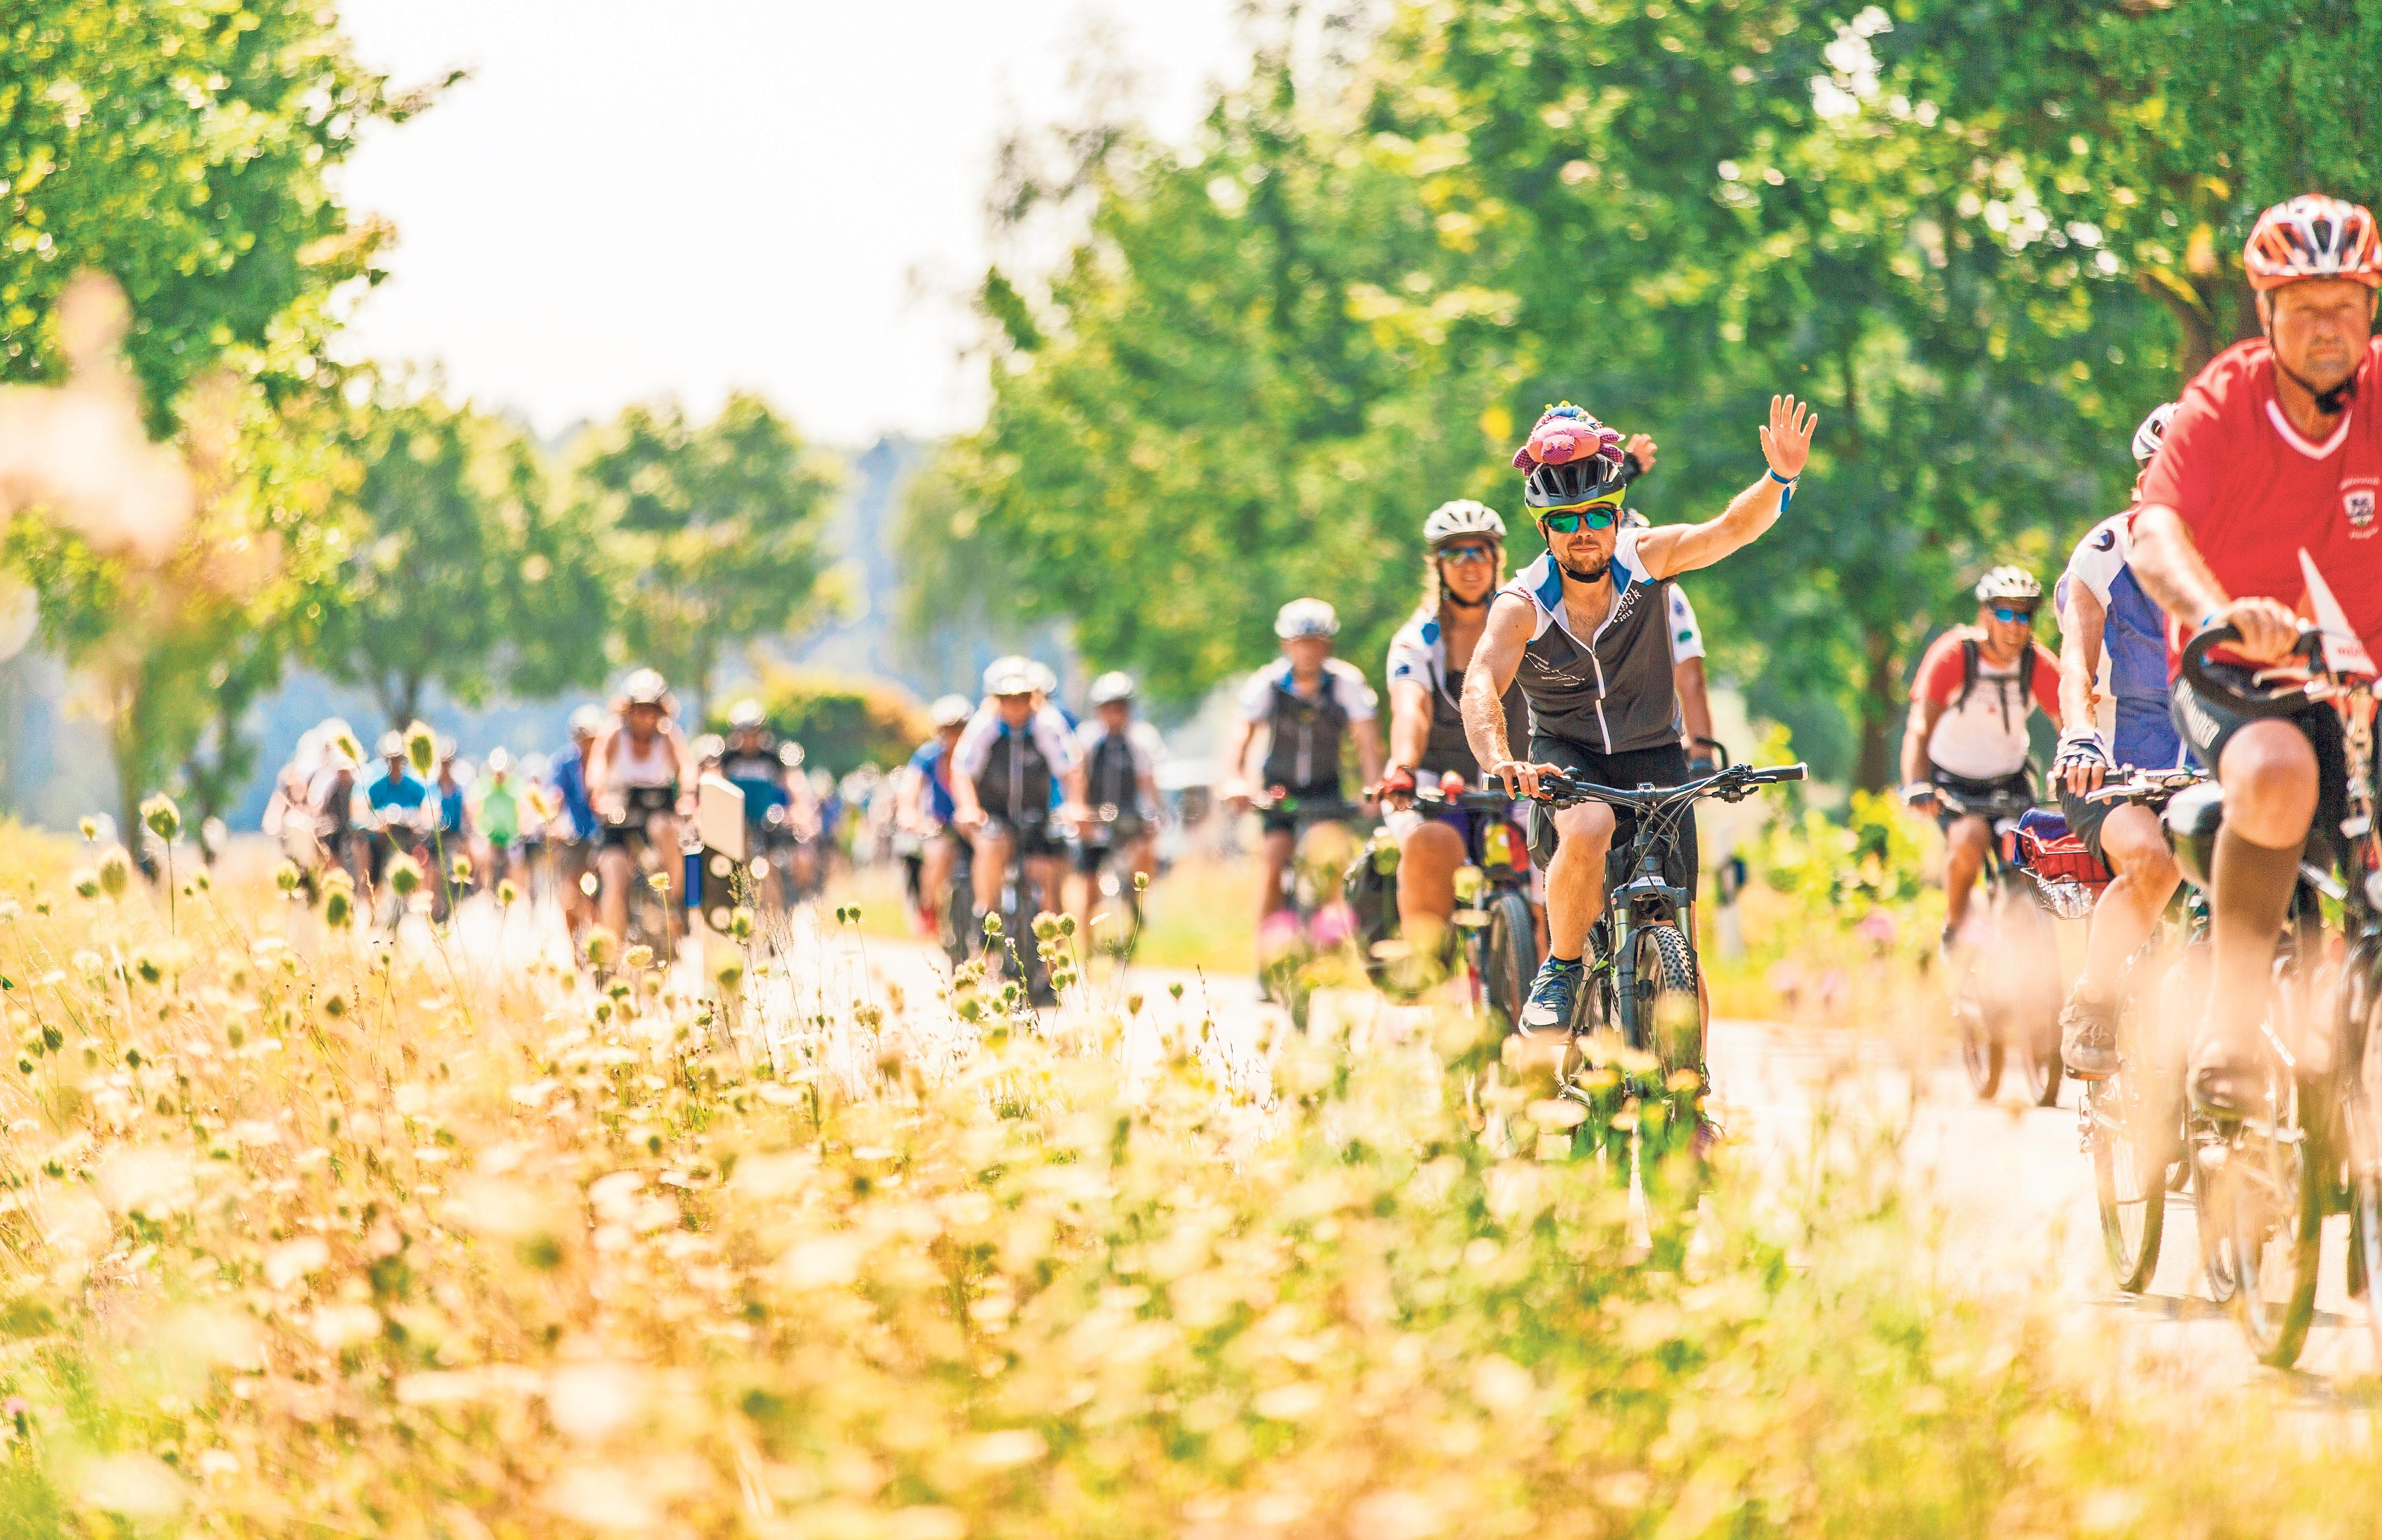 Wenn die Radler und Radlerinnen am 3. August in Bad Füssing angekommen sind, haben sie eine etwa 550 Kilometer lange Strecke durch vier bayerische Regierungsbezirke hinter sich. Foto: BR/Johanna Schlüter